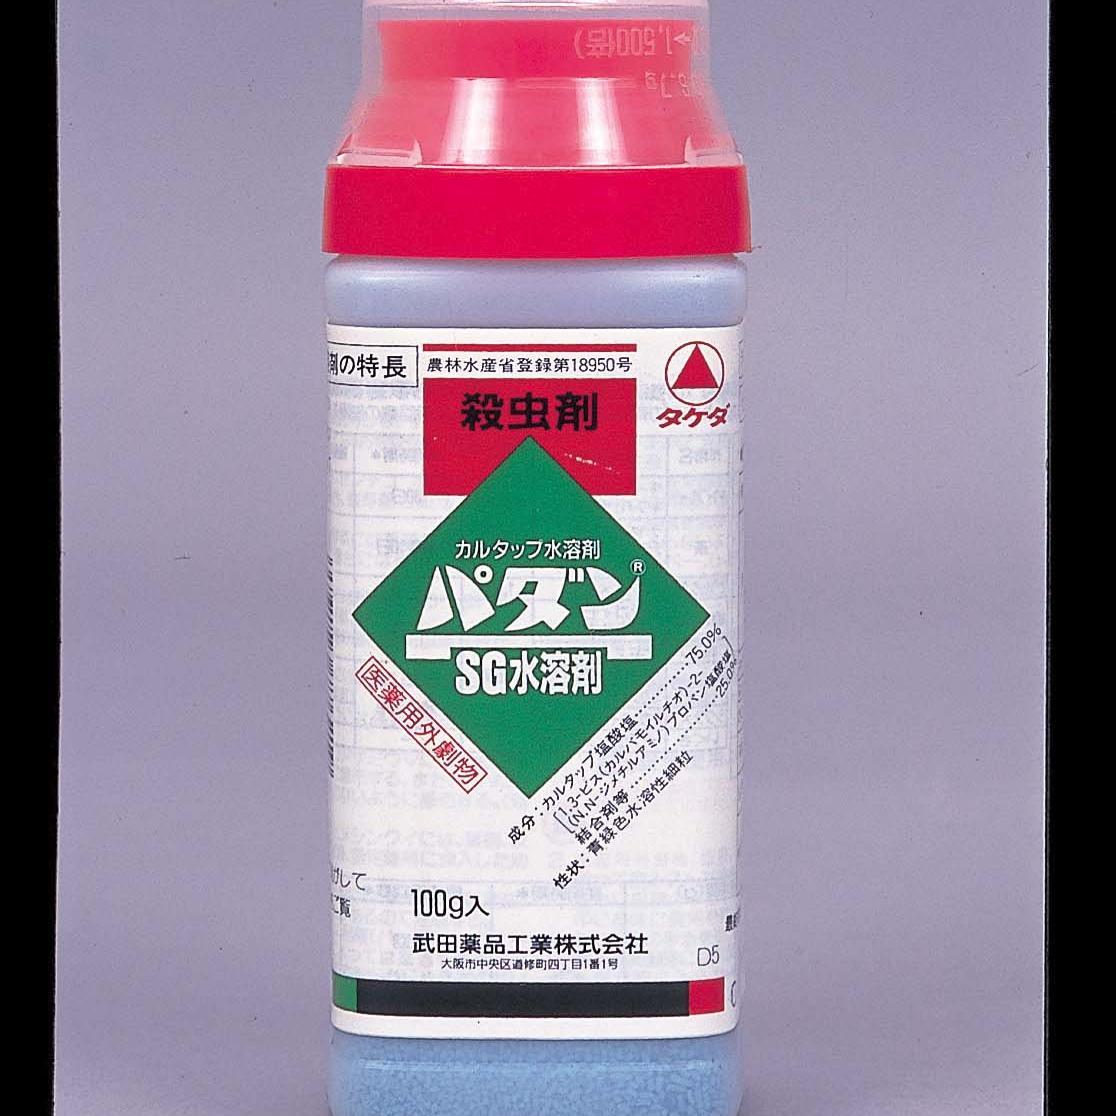 パダンSG水溶剤